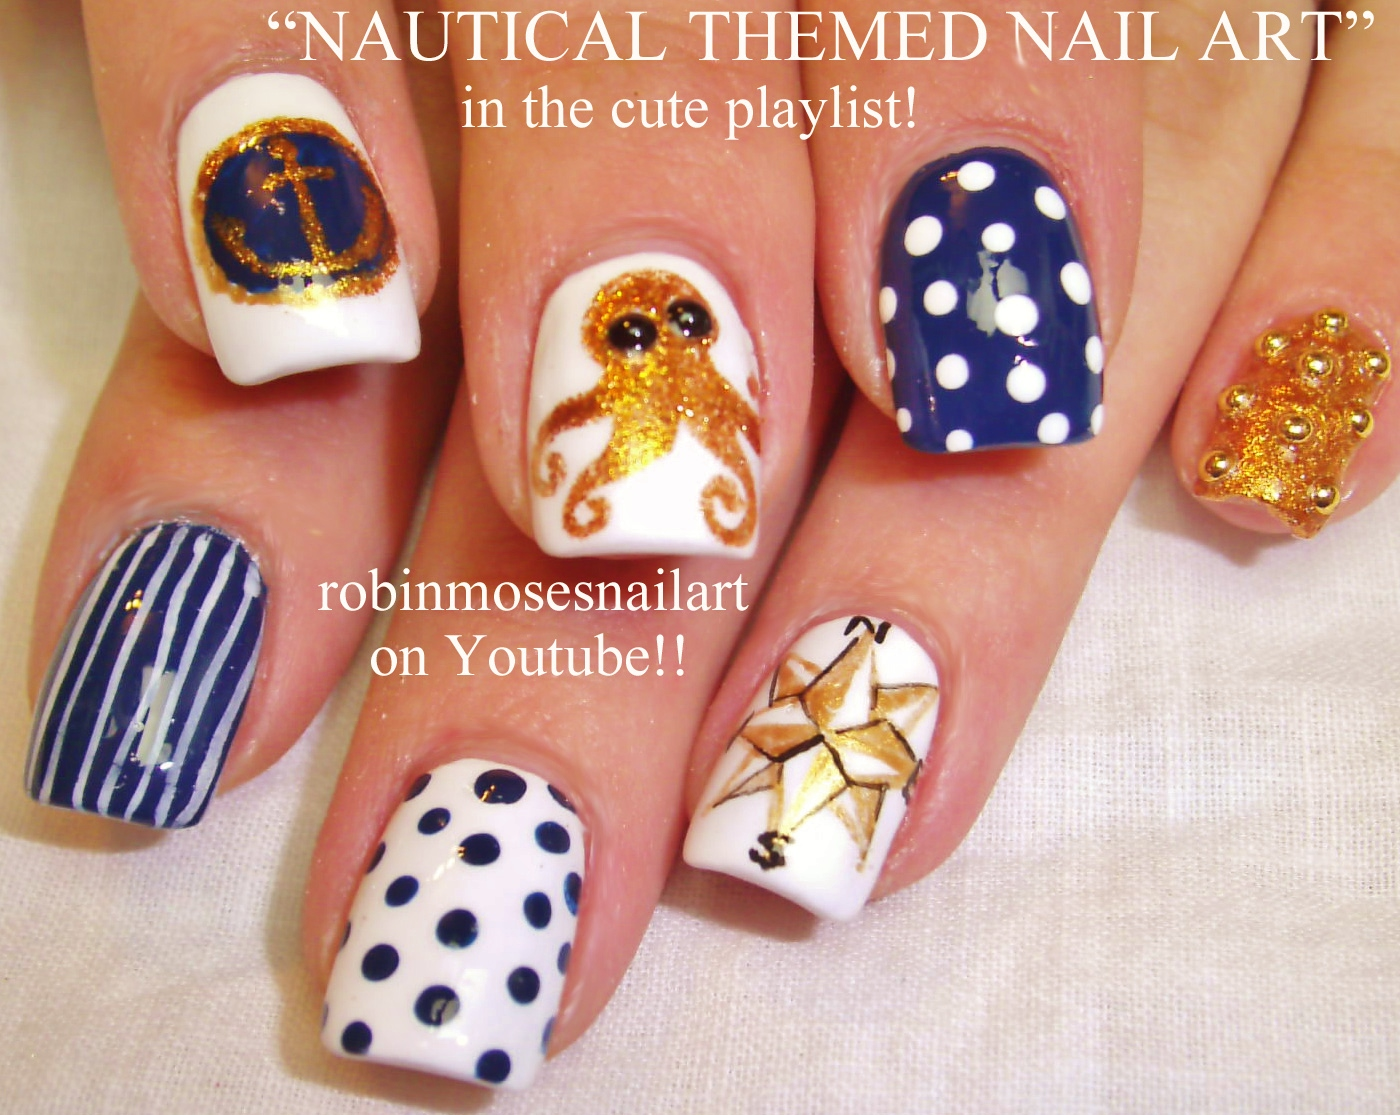 Robin moses nail art summer nails nautical nails nail art summer nails nautical nails nail art anchor nails boat nails aquarium nails ocean nails vacation nails compass nails octopus nails prinsesfo Image collections